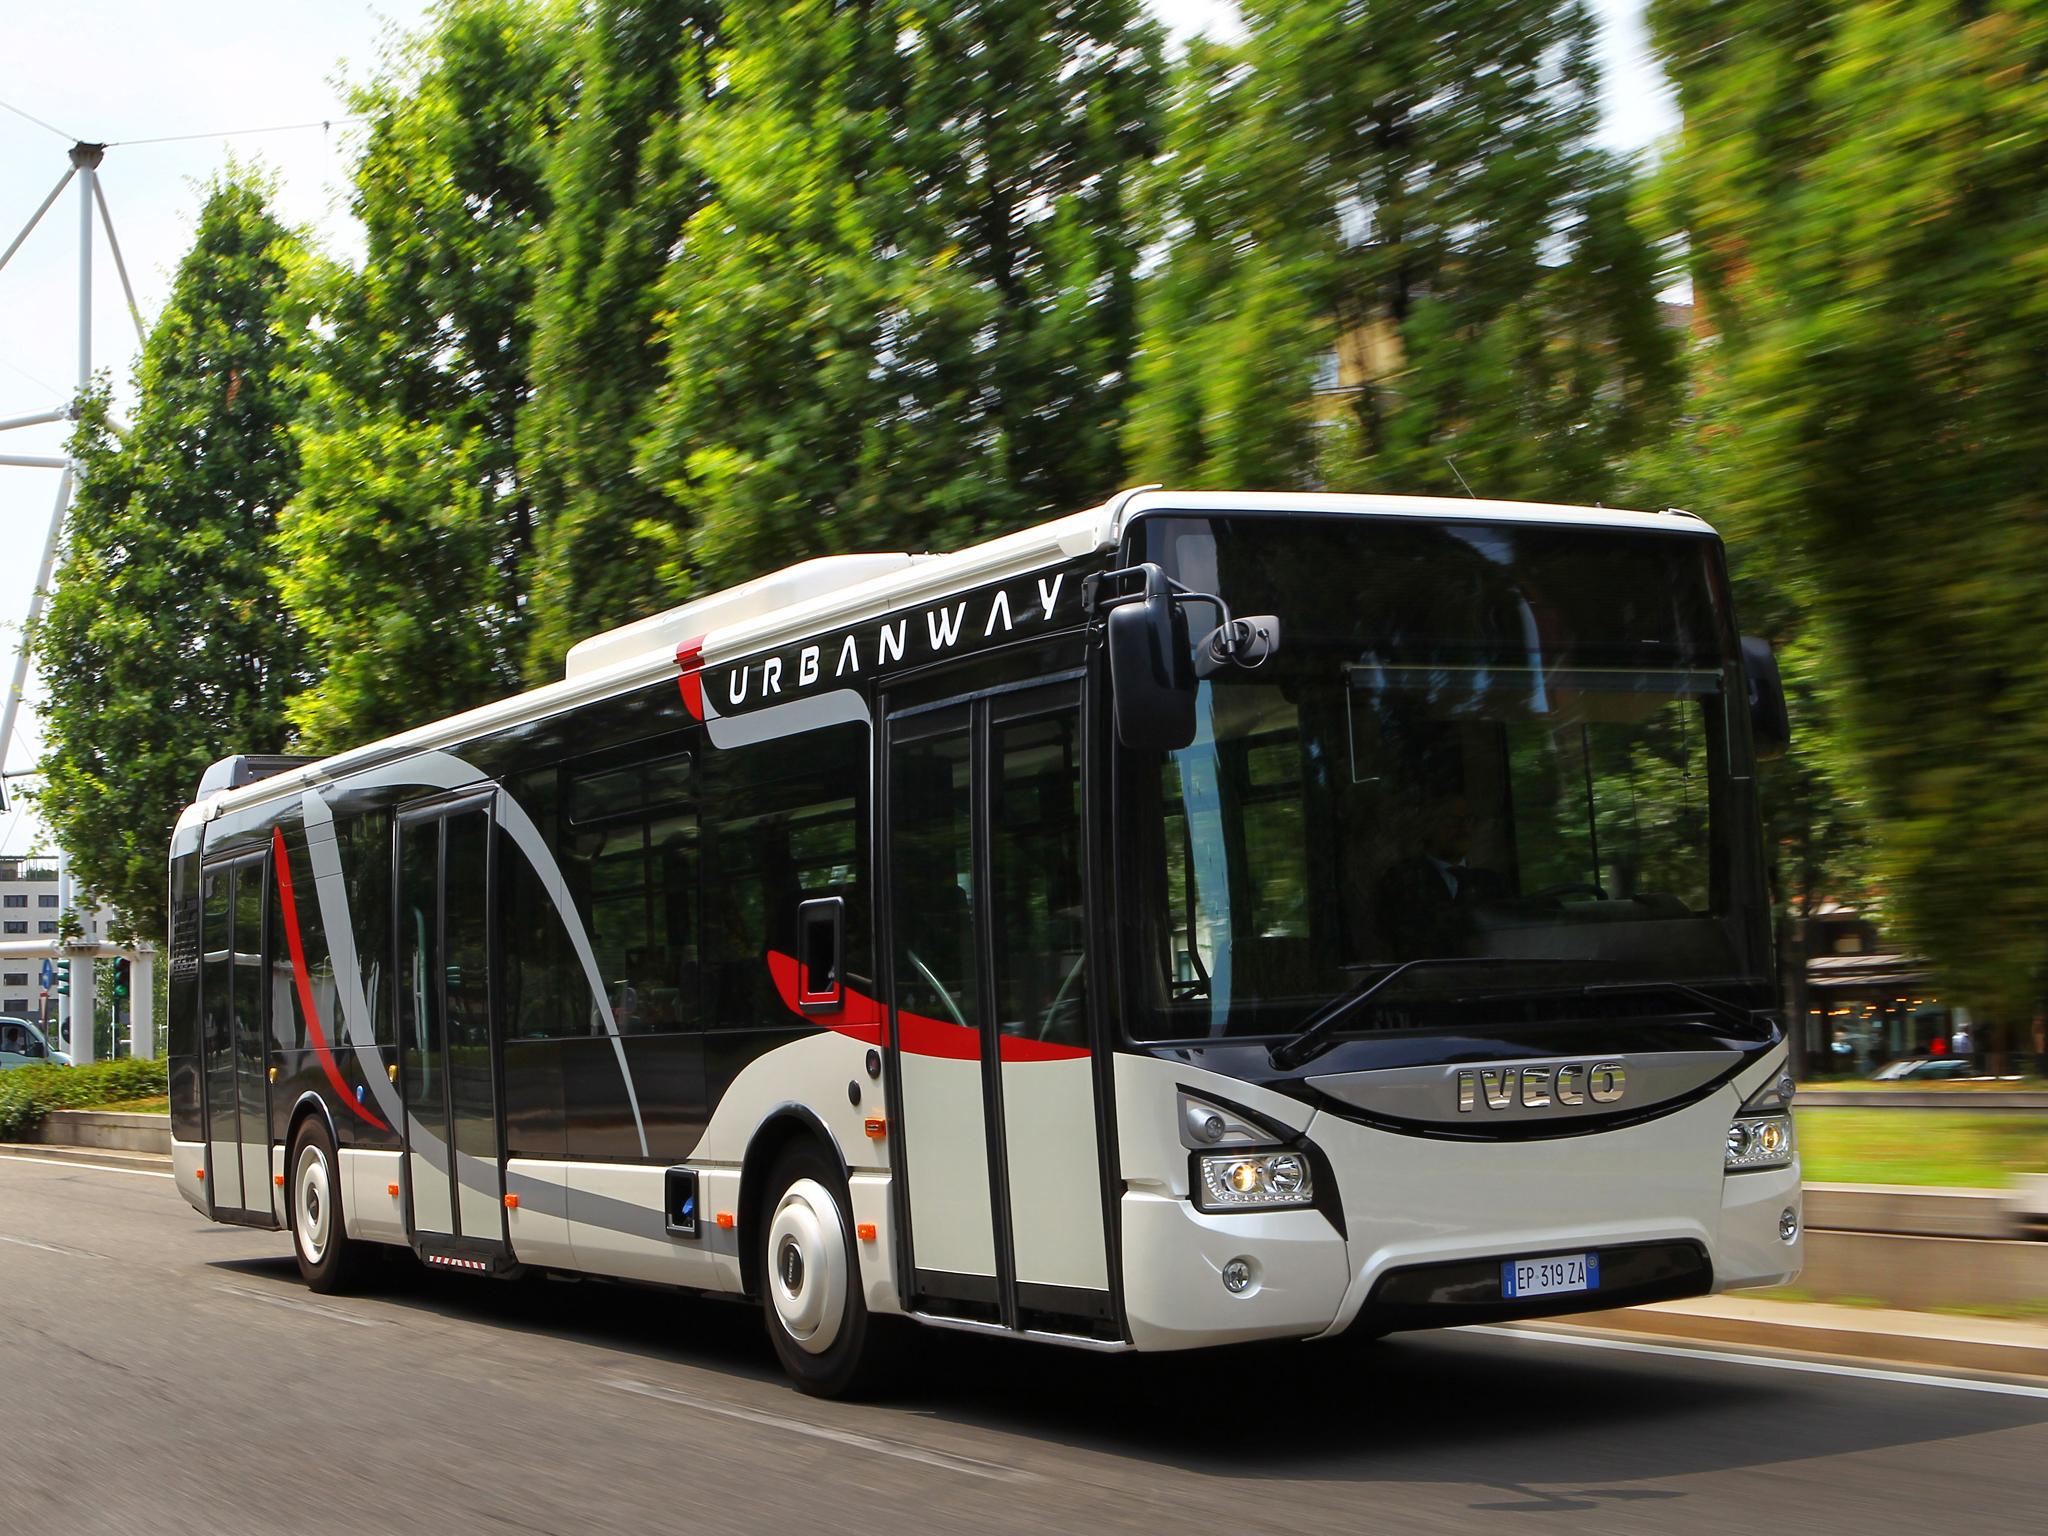 Novinkou na Slovensku budou hybridní autobusy. Dodat je má Iveco Bus. (ilustrační foto: Iveco Bus)